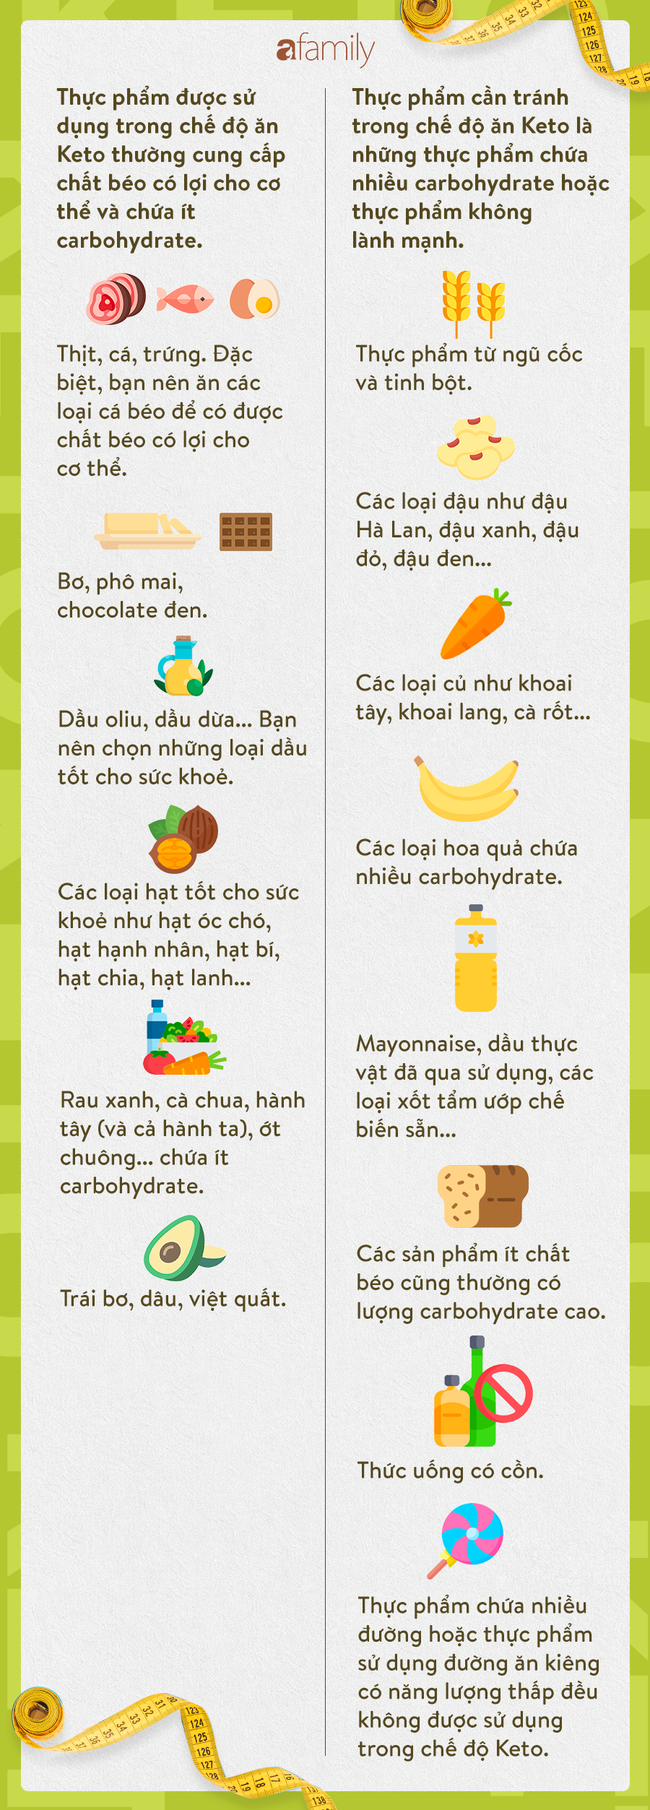 Hot Facebooker Tô Hưng Giang chia sẻ về chế độ ăn Keto đang làm mưa làm gió trong hội chị em - Ảnh 10.